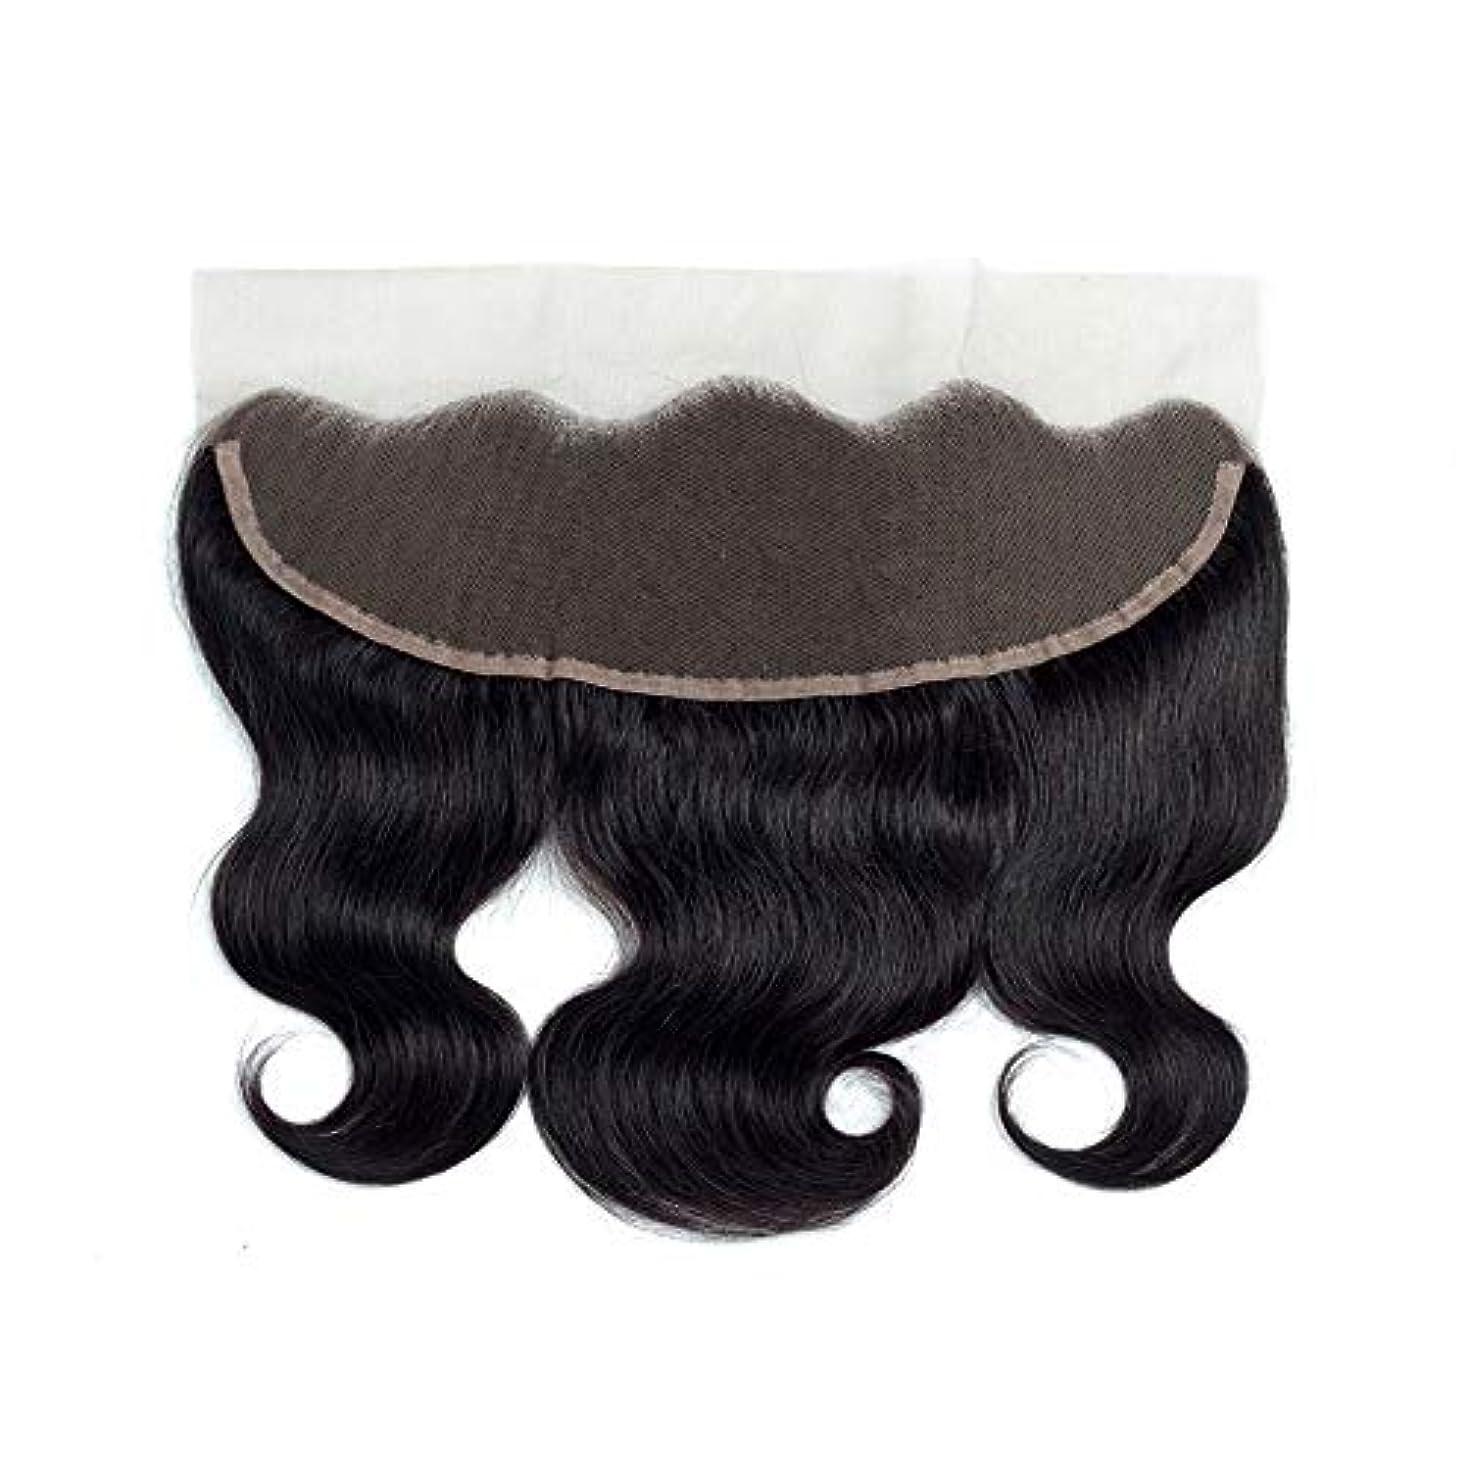 豆半円騙すMayalina ブラジル髪の閉鎖13 * 4レース前頭波人間の髪の毛の自然な黒い色女性合成かつらレースかつらロールプレイングかつら (色 : 黒, サイズ : 18 inch)